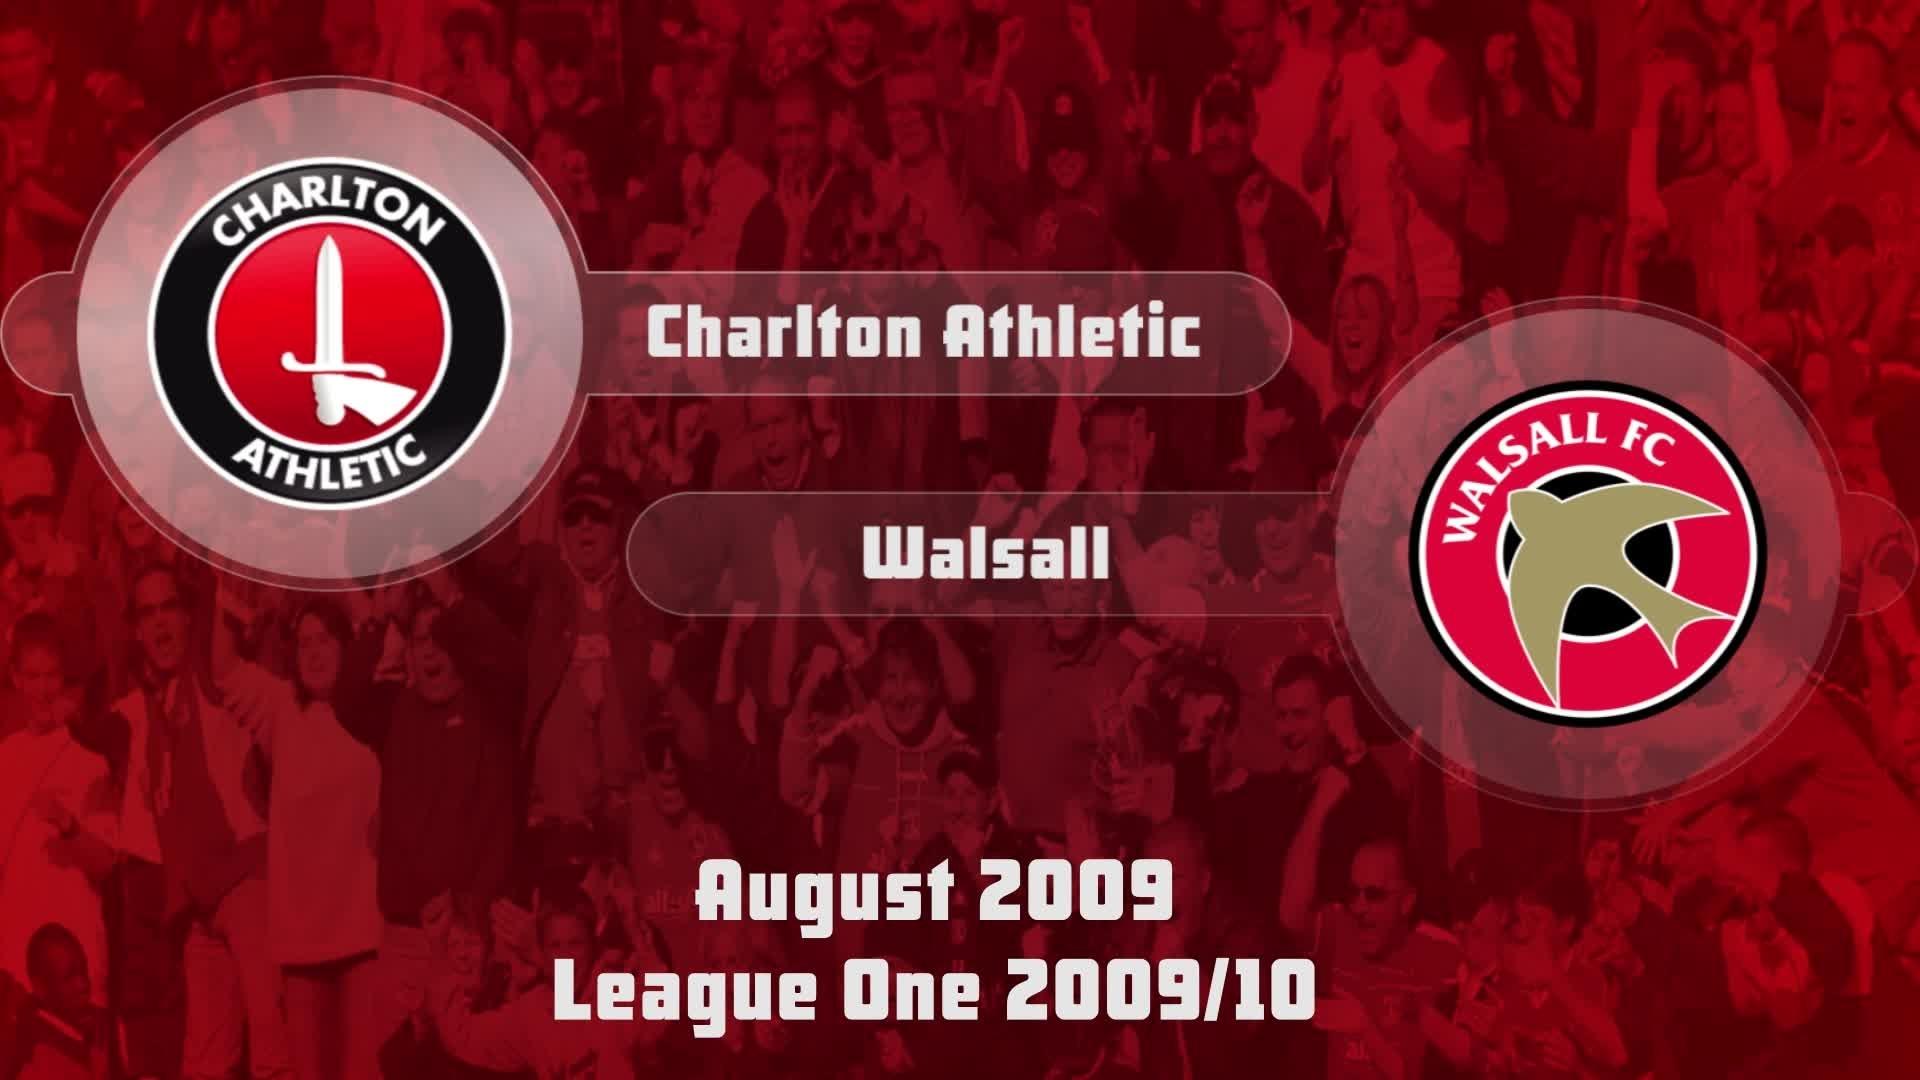 05 HIGHLIGHTS | Charlton 2 Walsall 0 (Aug 2009)